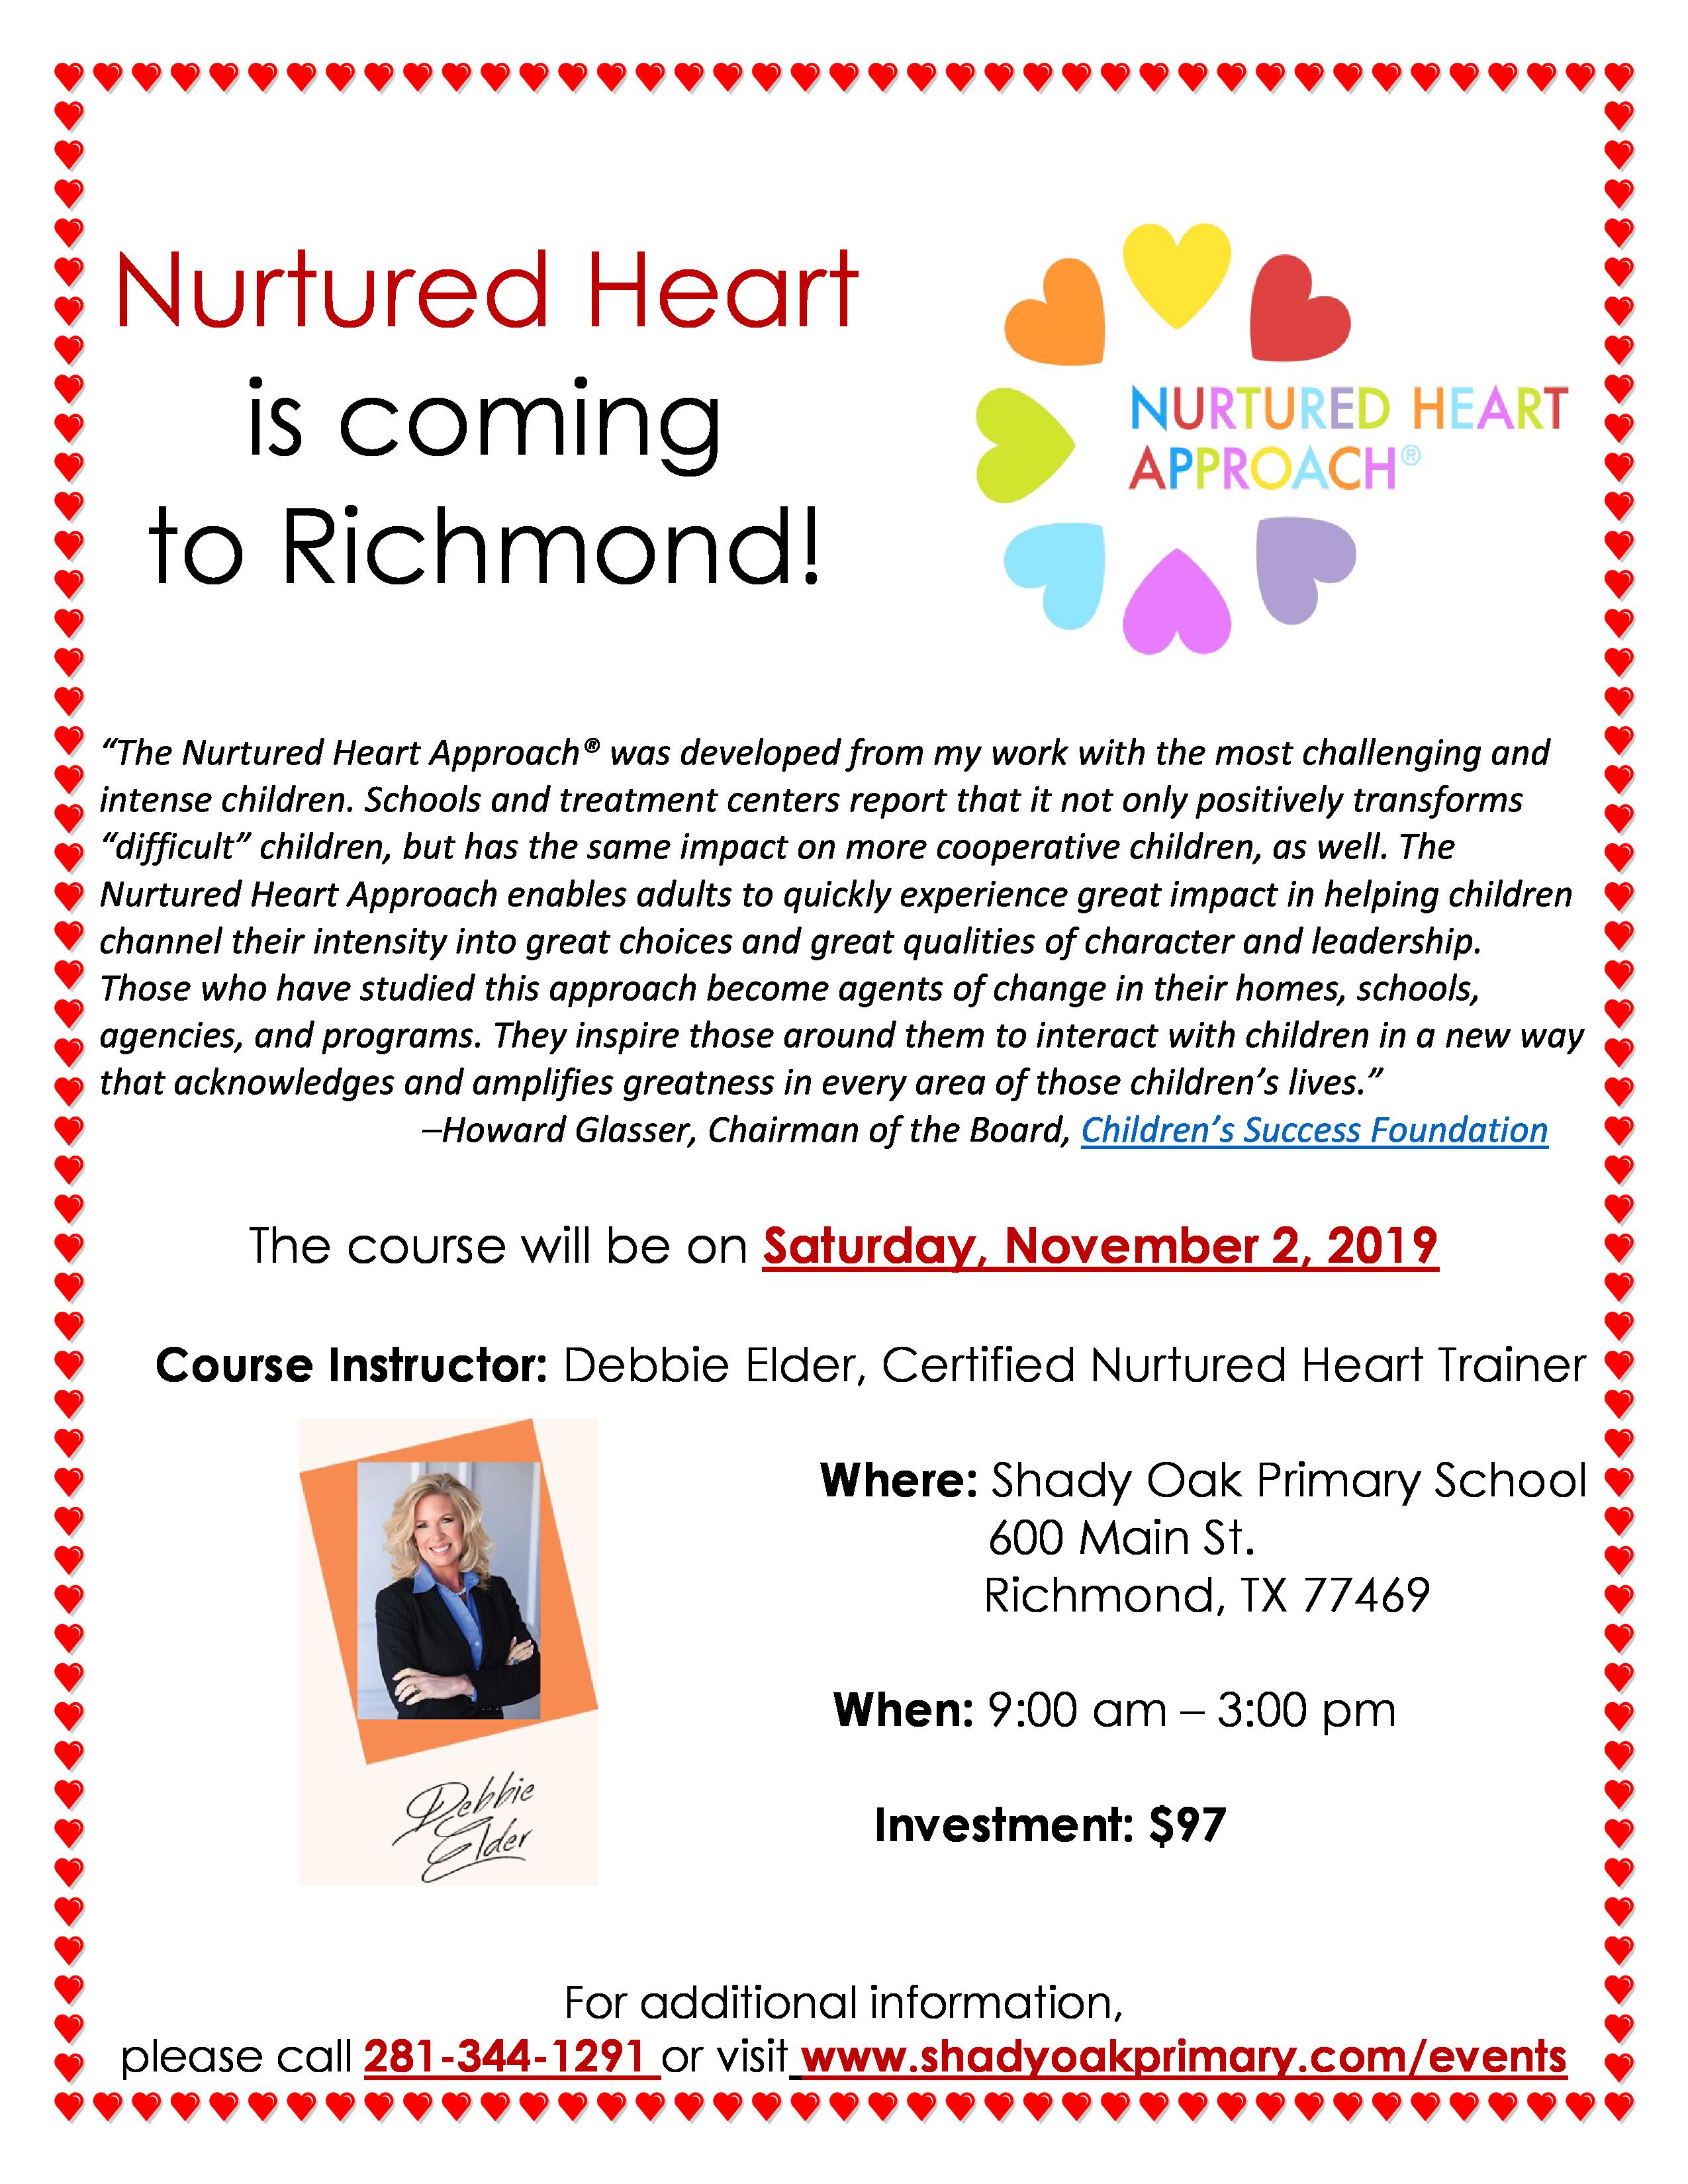 Nurtured Heart Flyer Novembr 2, 2019